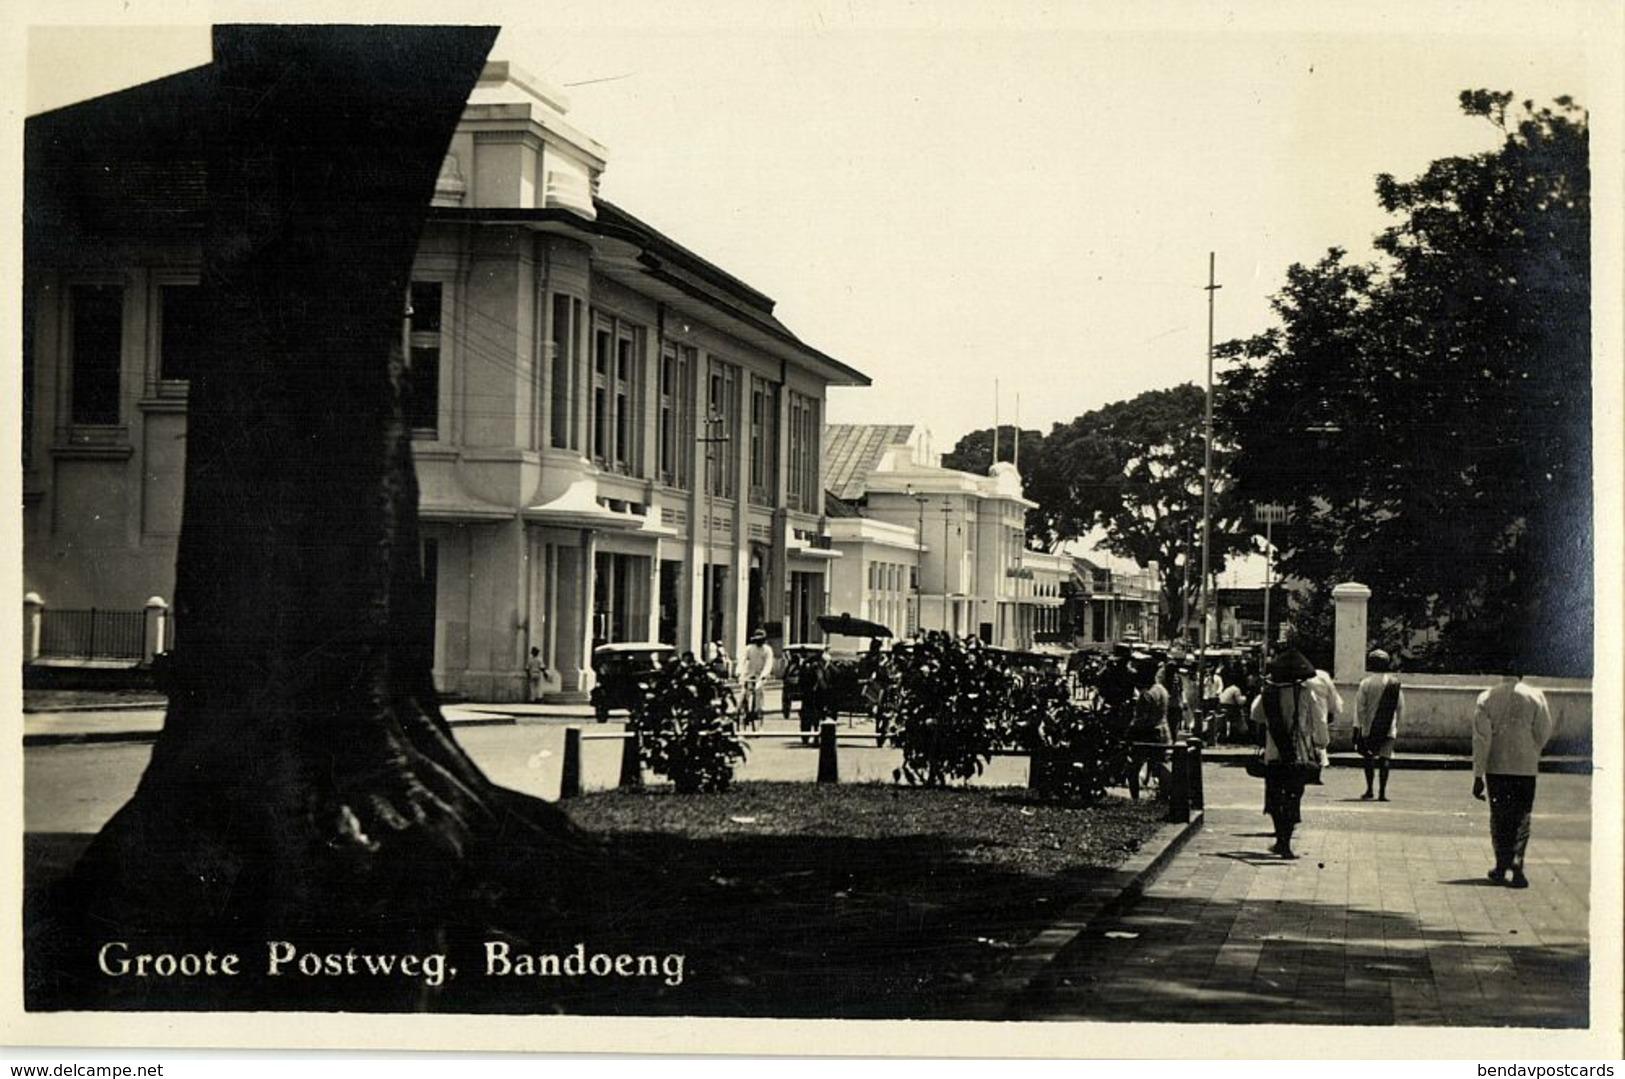 Indonesia, JAVA BANDUNG, Groote Postweg (1920s) RPPC Postcard - Indonesië